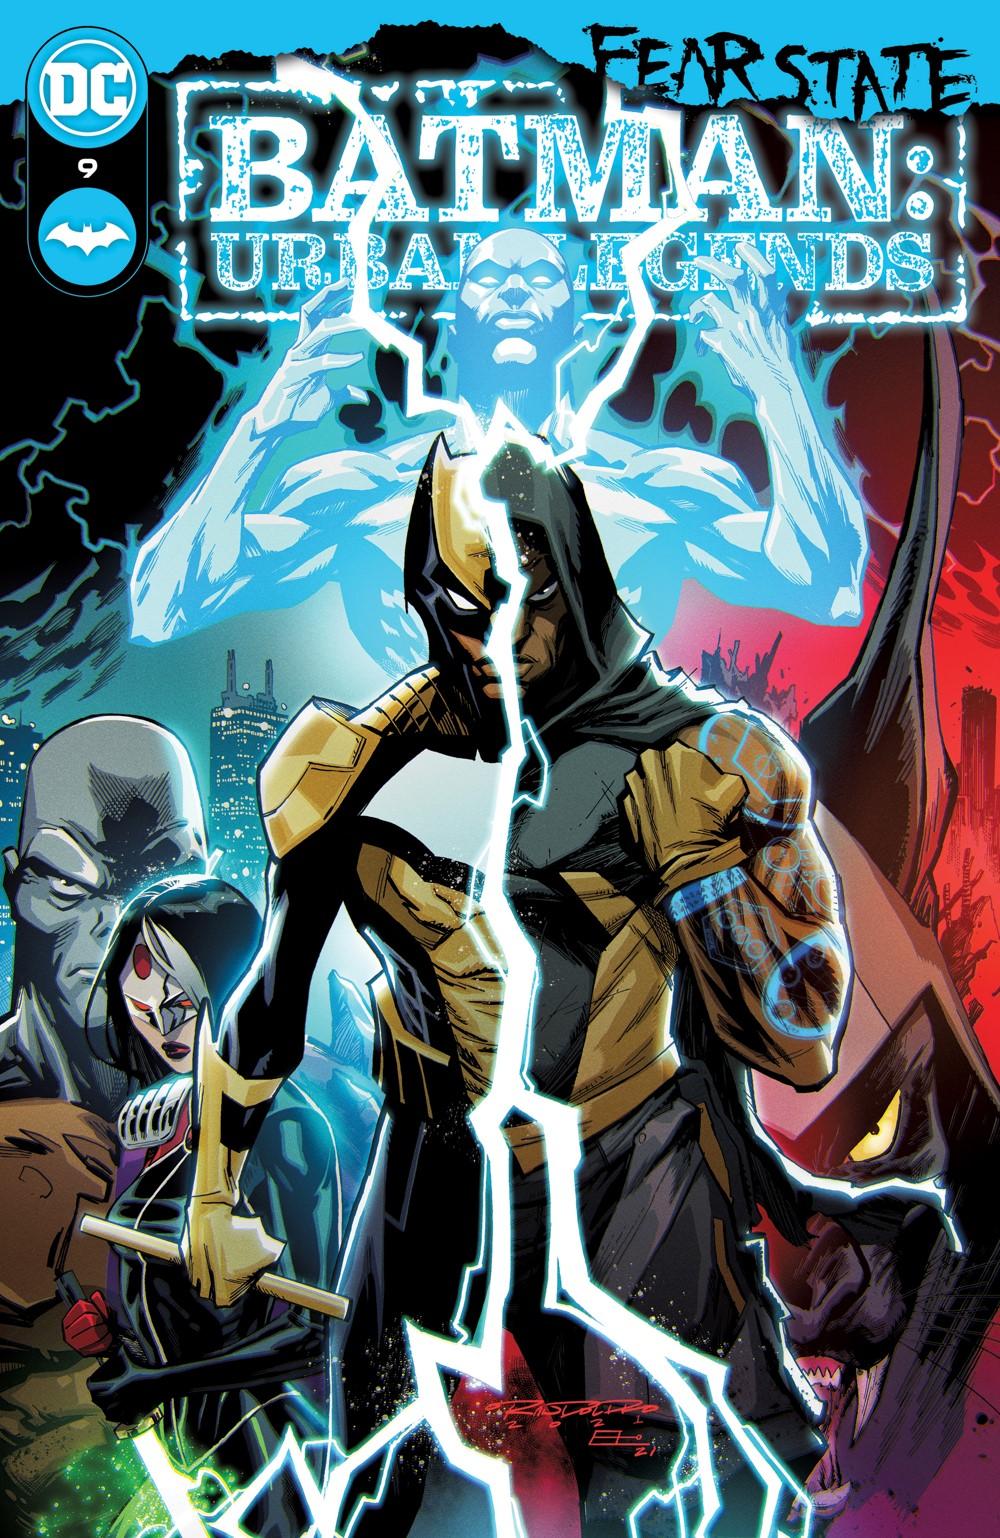 BM_FS_Urban_Legends_Cv9 DC Comics November 2021 Solicitations